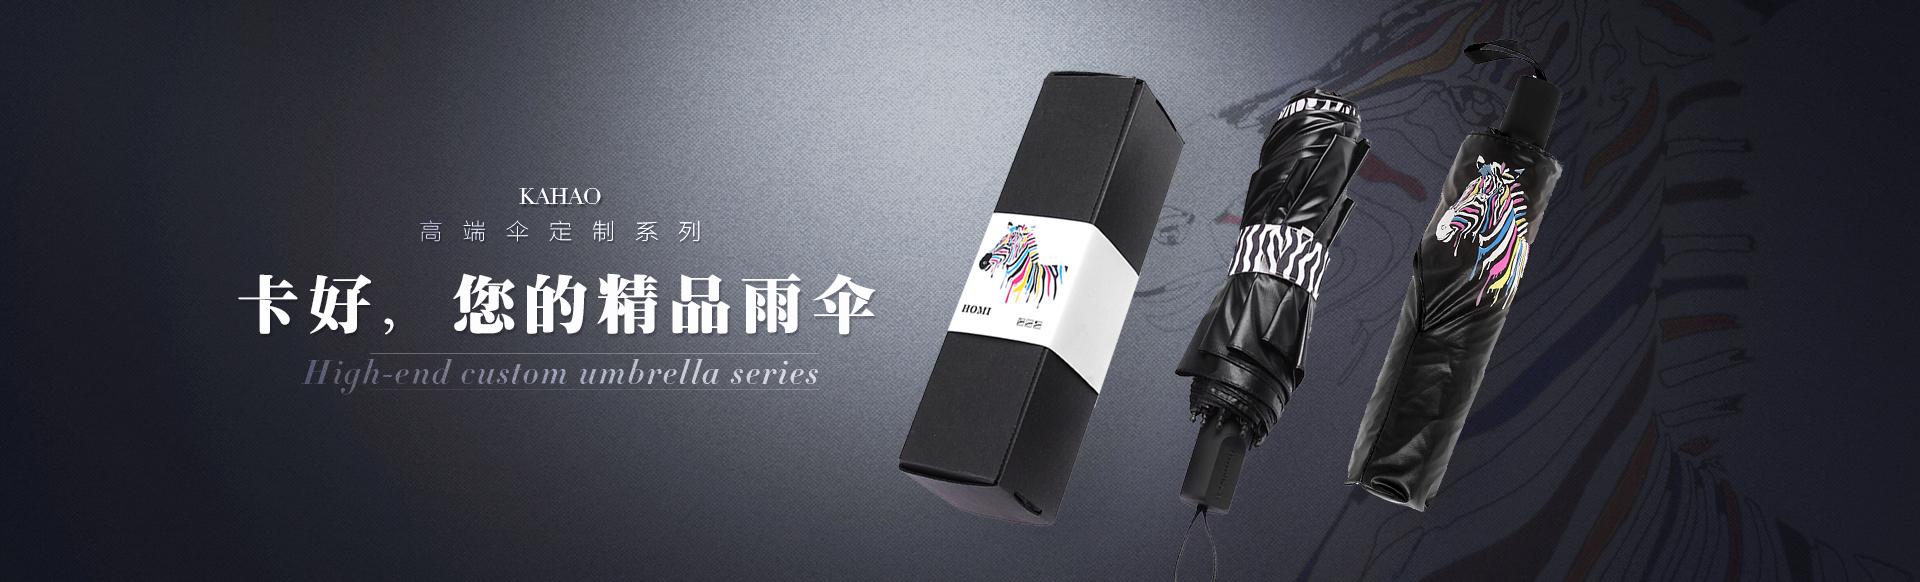 定制网站_网站- 广告礼品定制雨伞banner